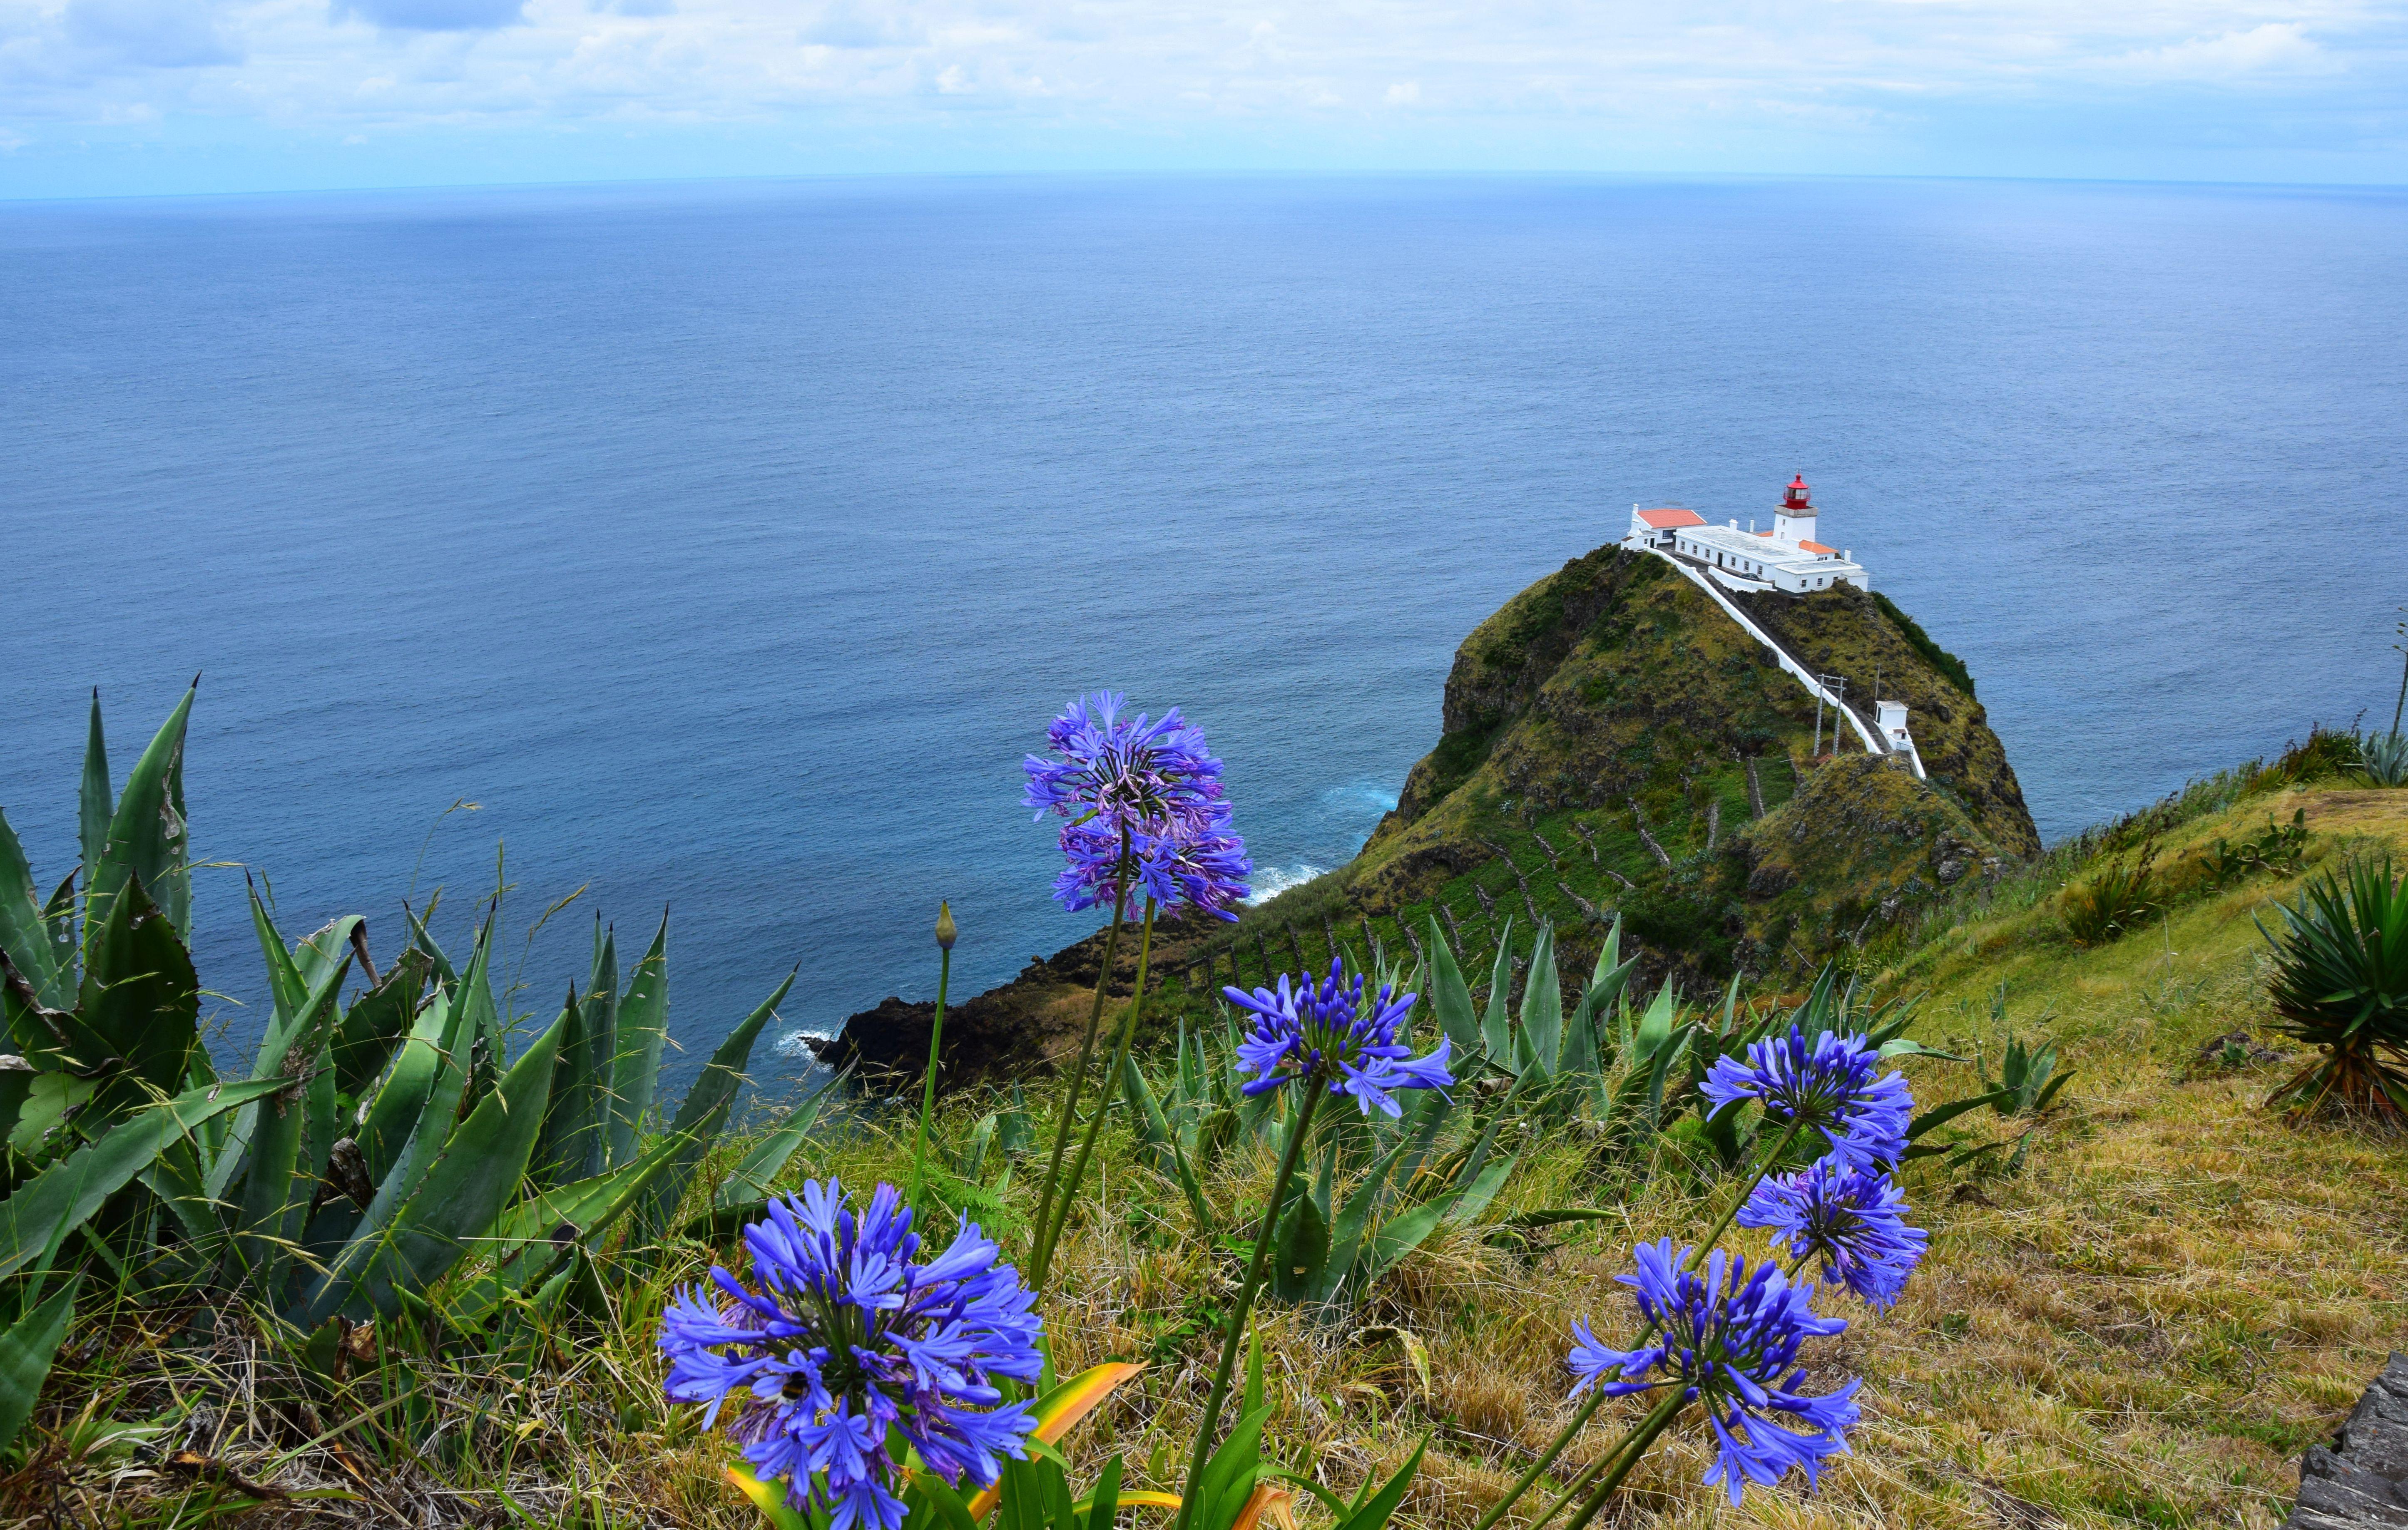 Der Leuchtturm von Goncalo Velho auf  Santa Maria, Azoren © picotours